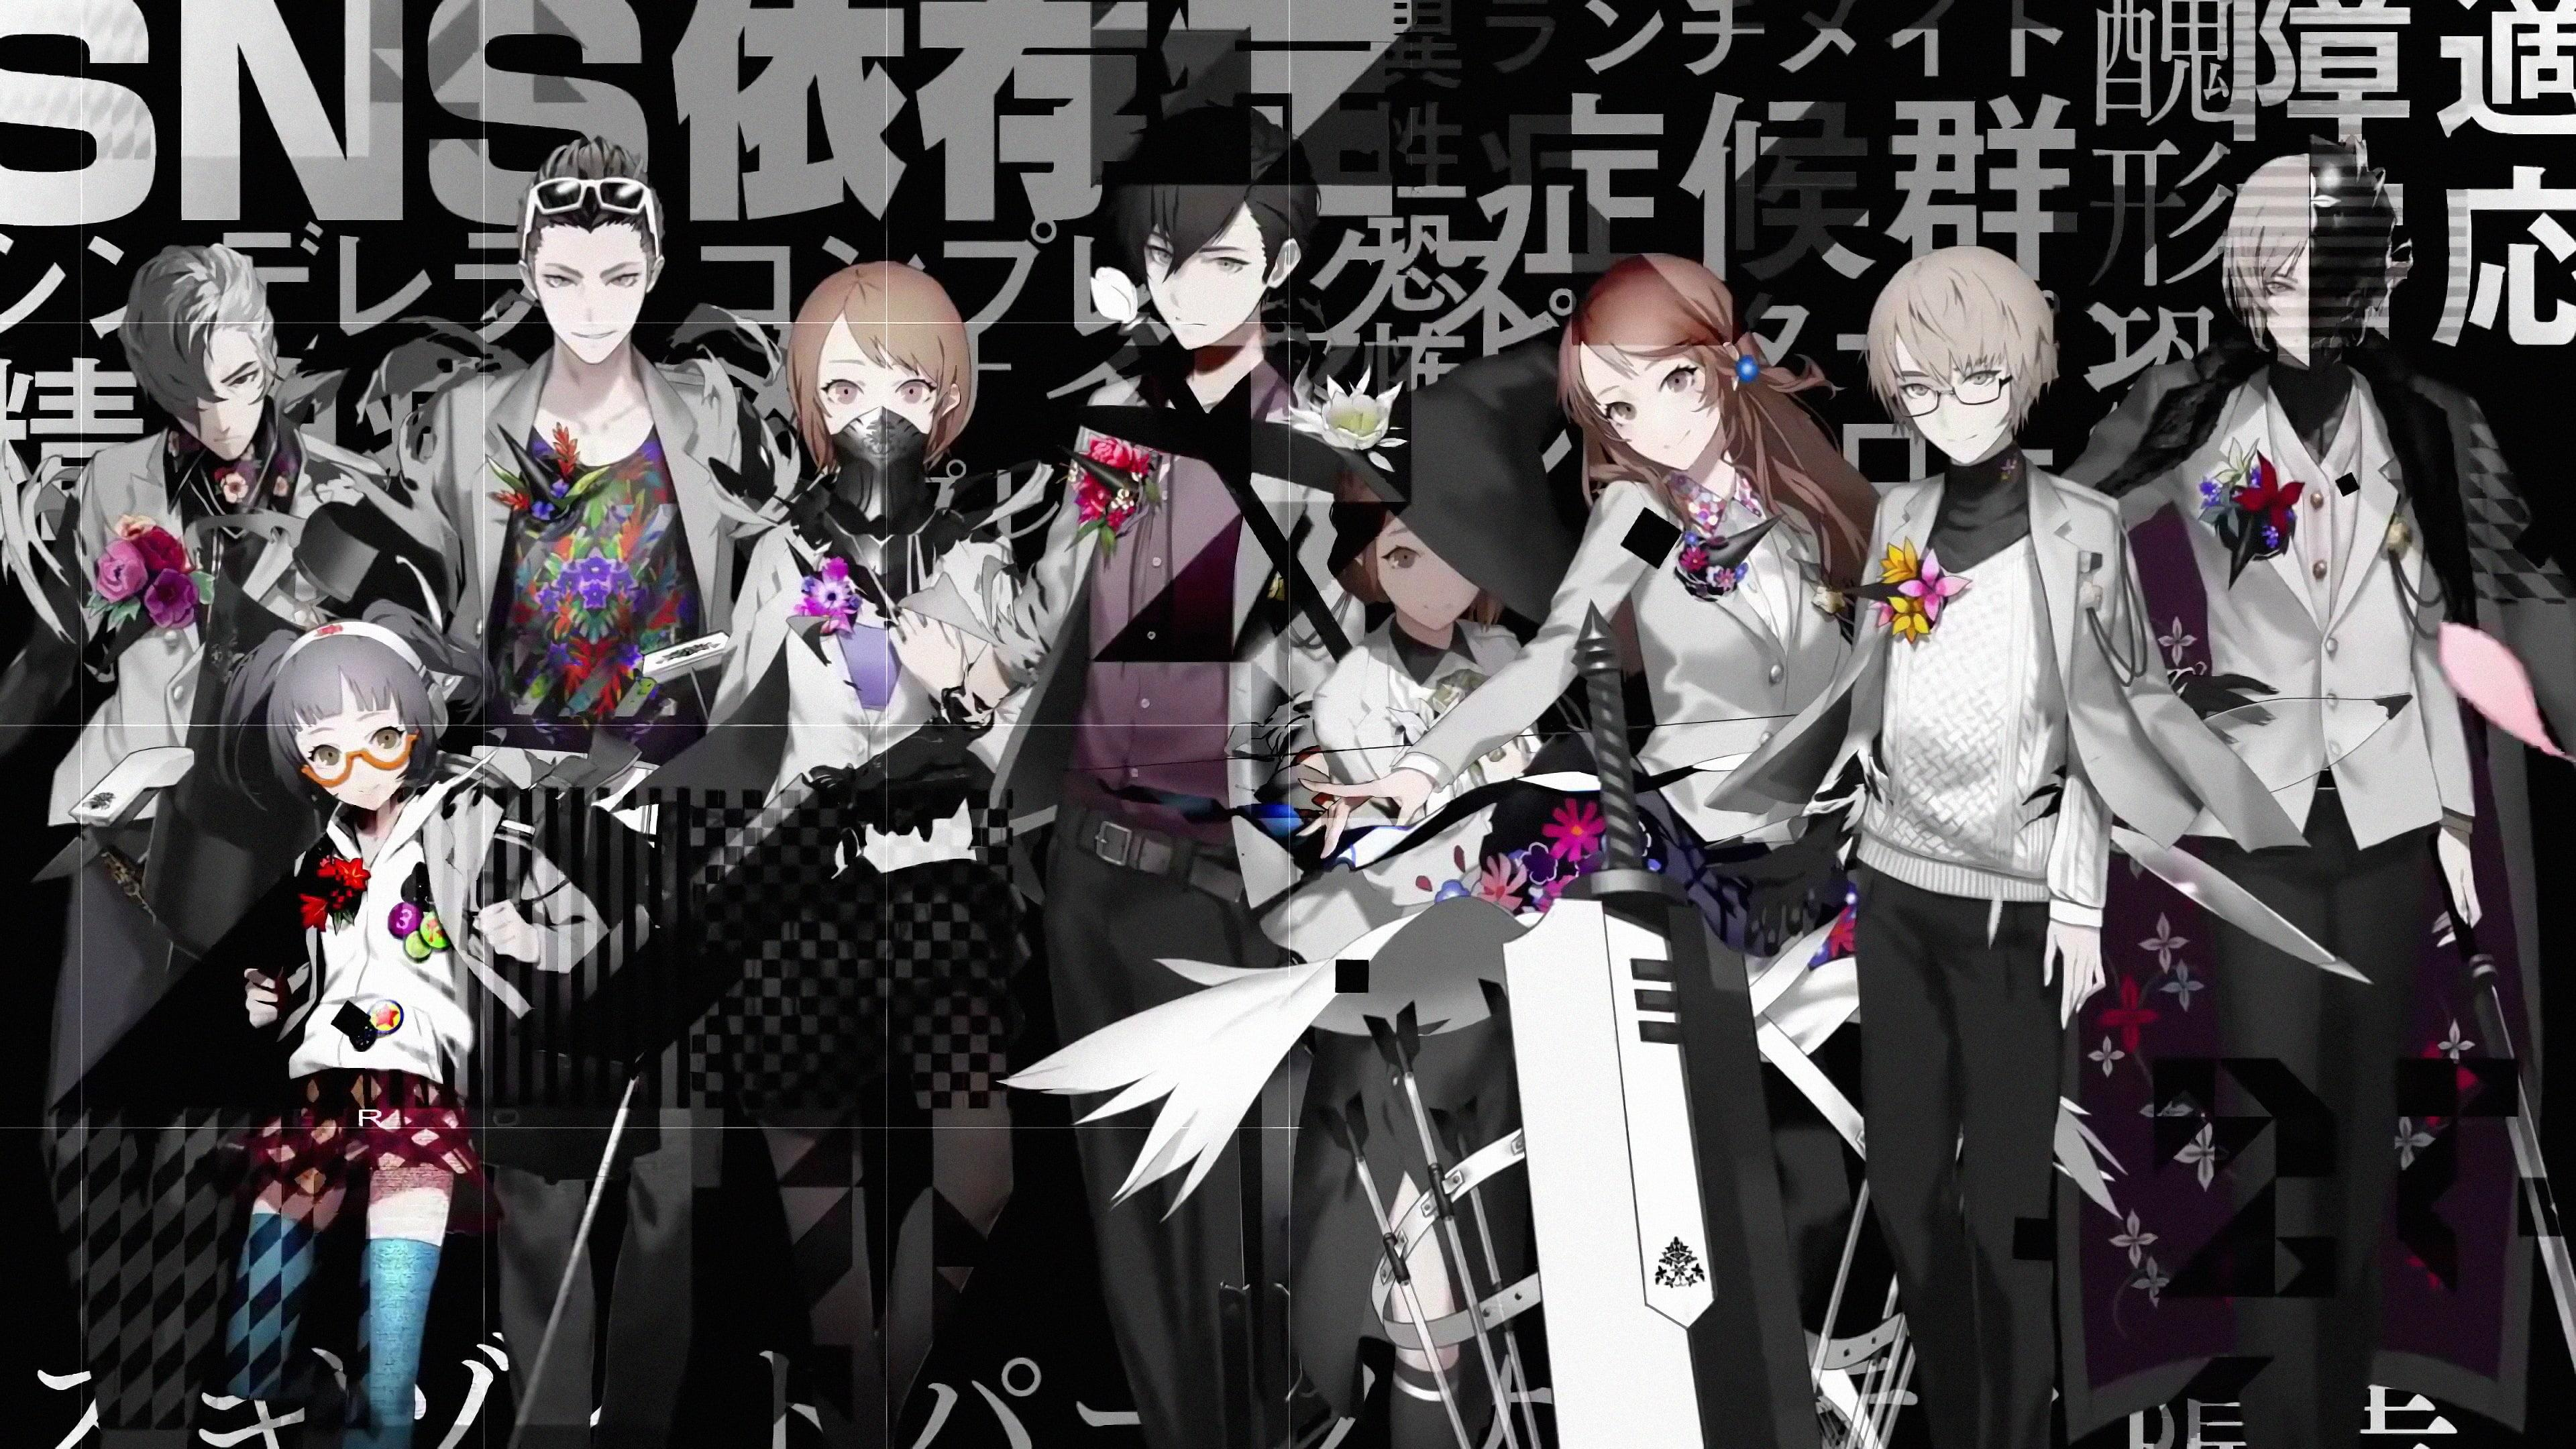 anime similar to Darwin's Game, Caligula